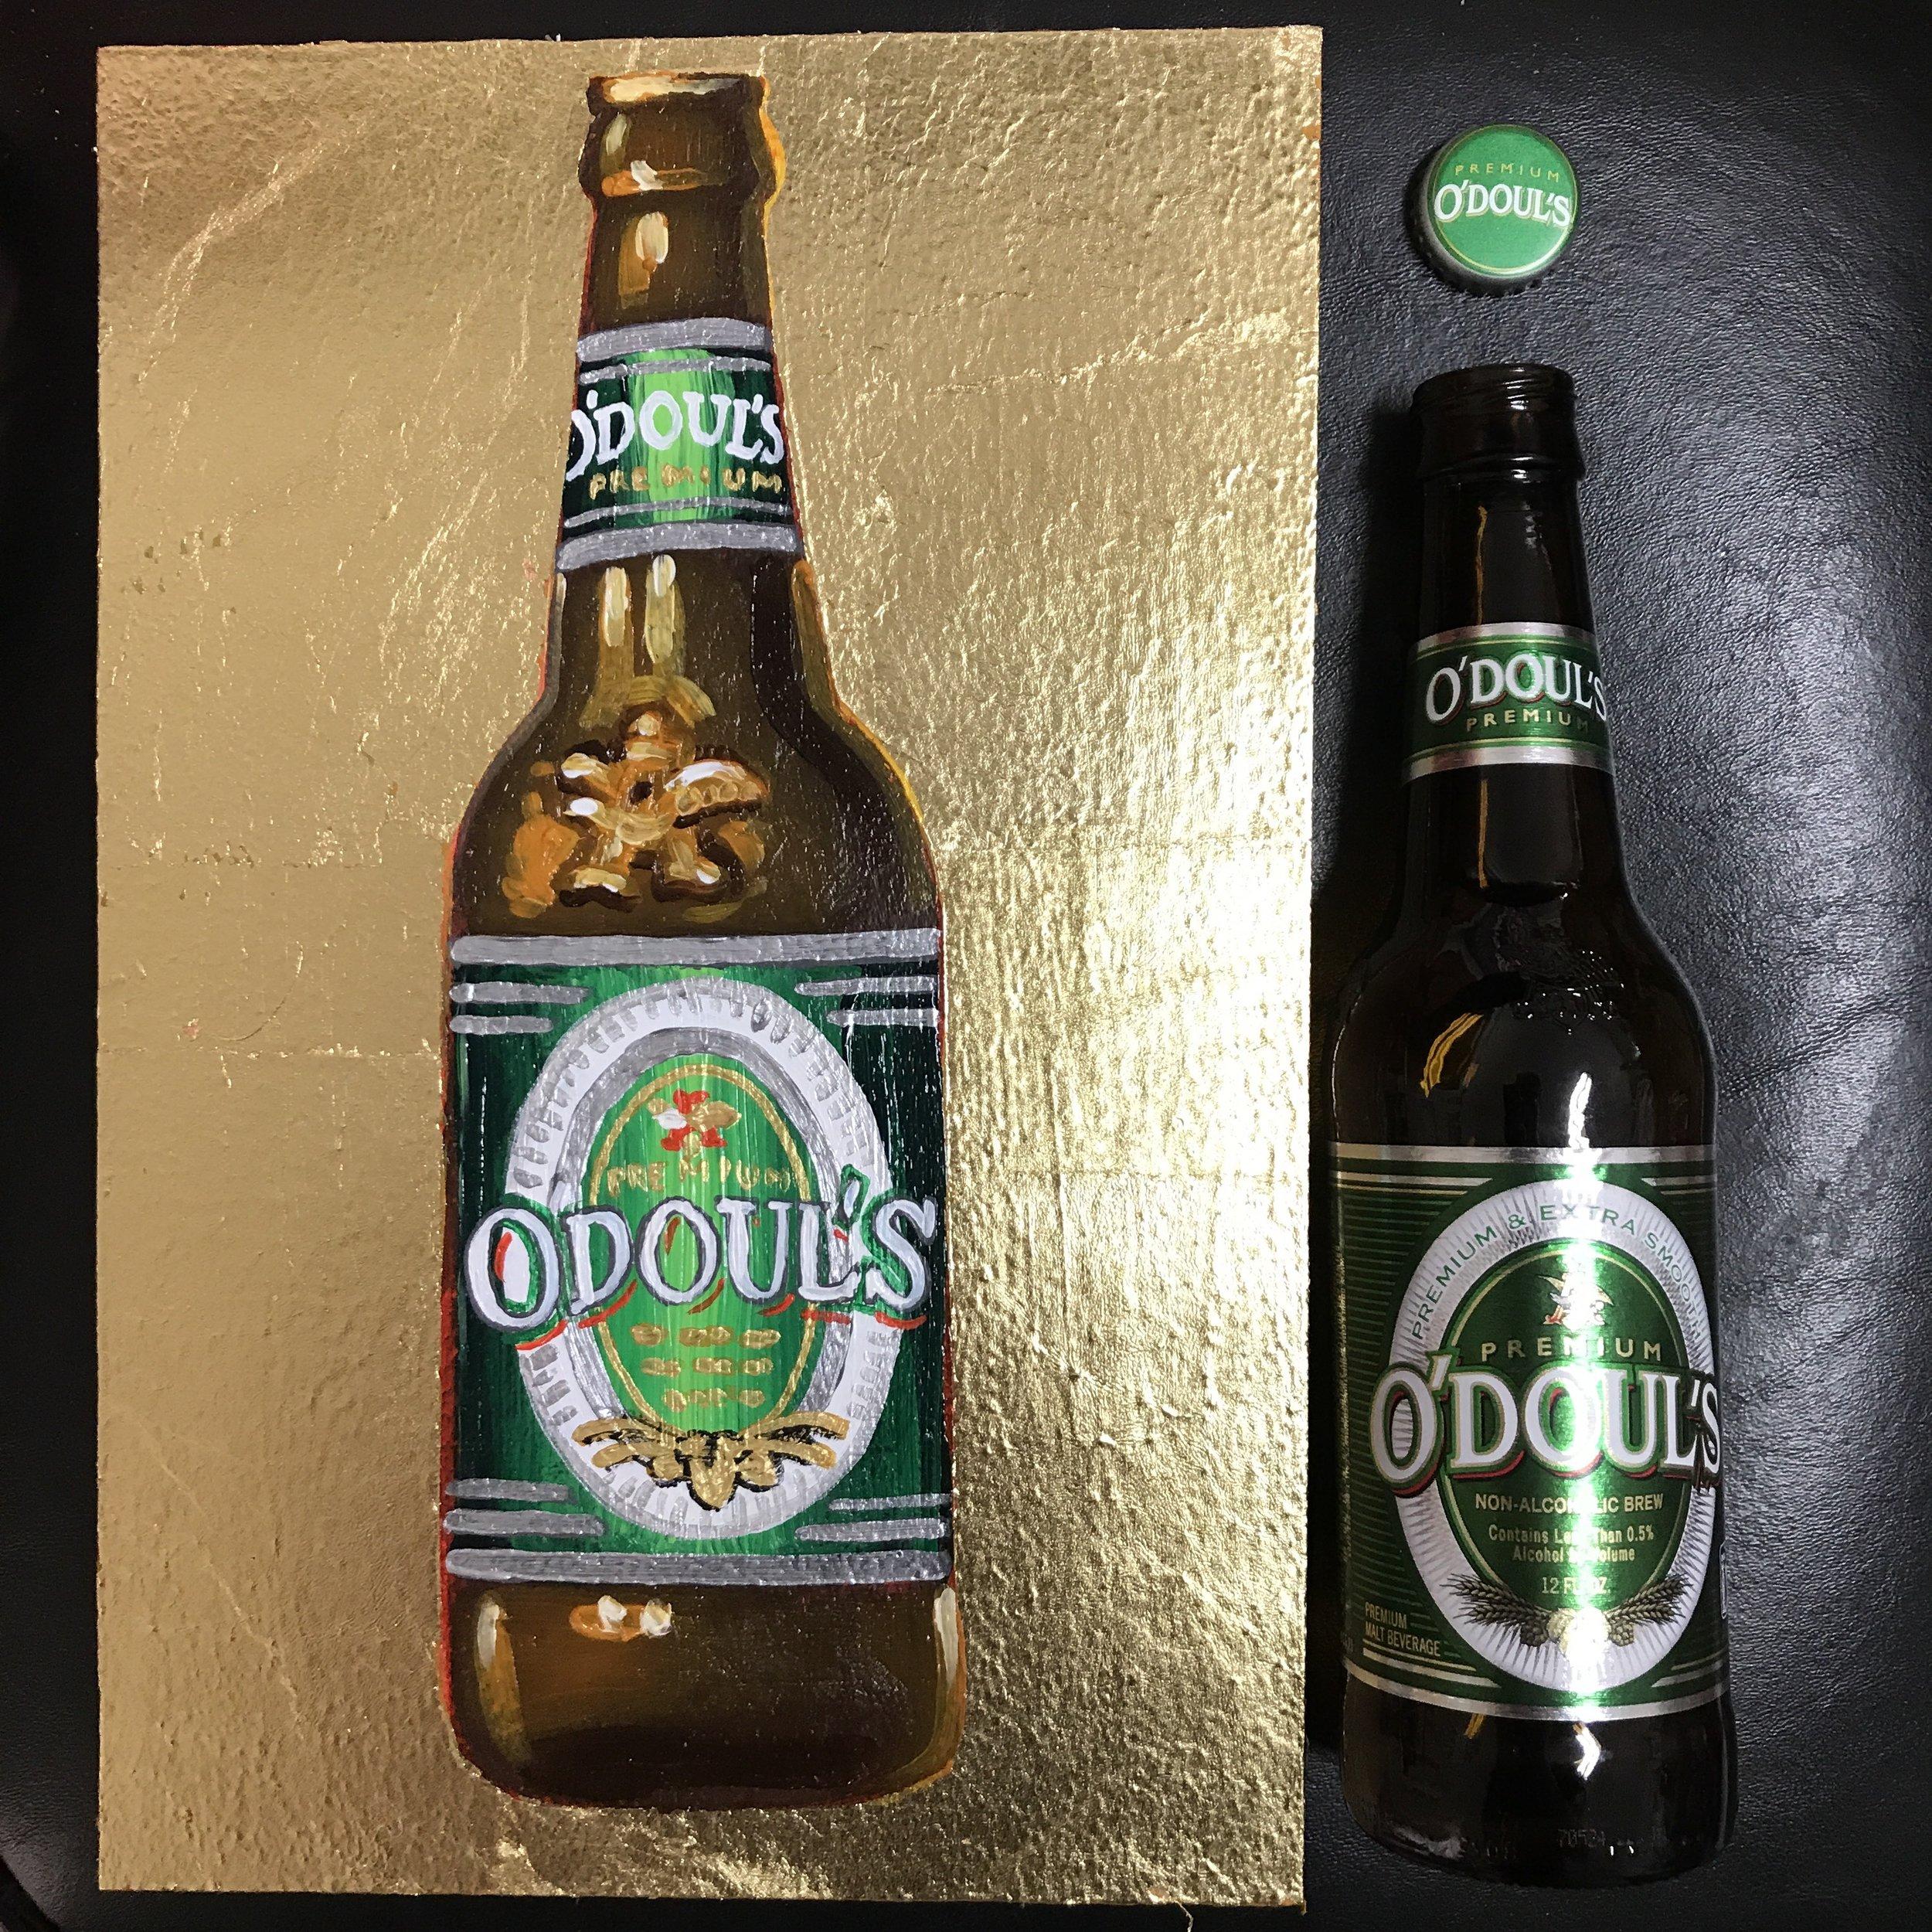 22 Anheuser-Busch InBev O'Doul's (USA)